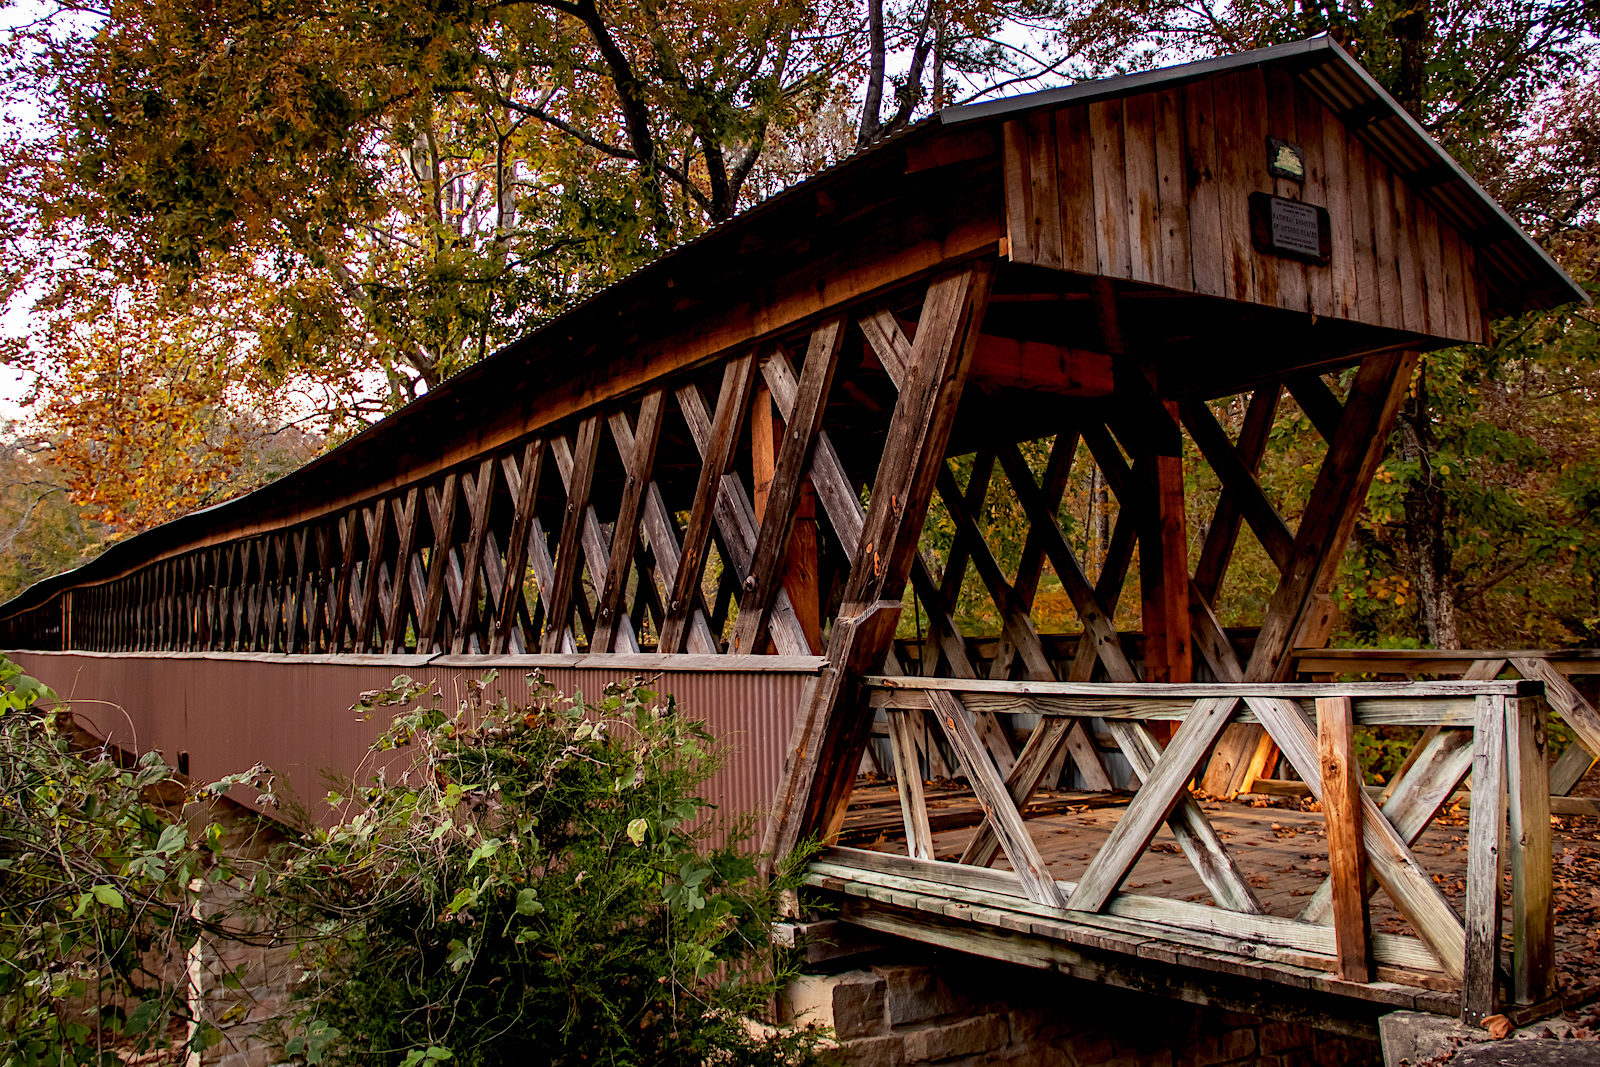 Historic Clarkson Covered Bridge in Cullman, AL